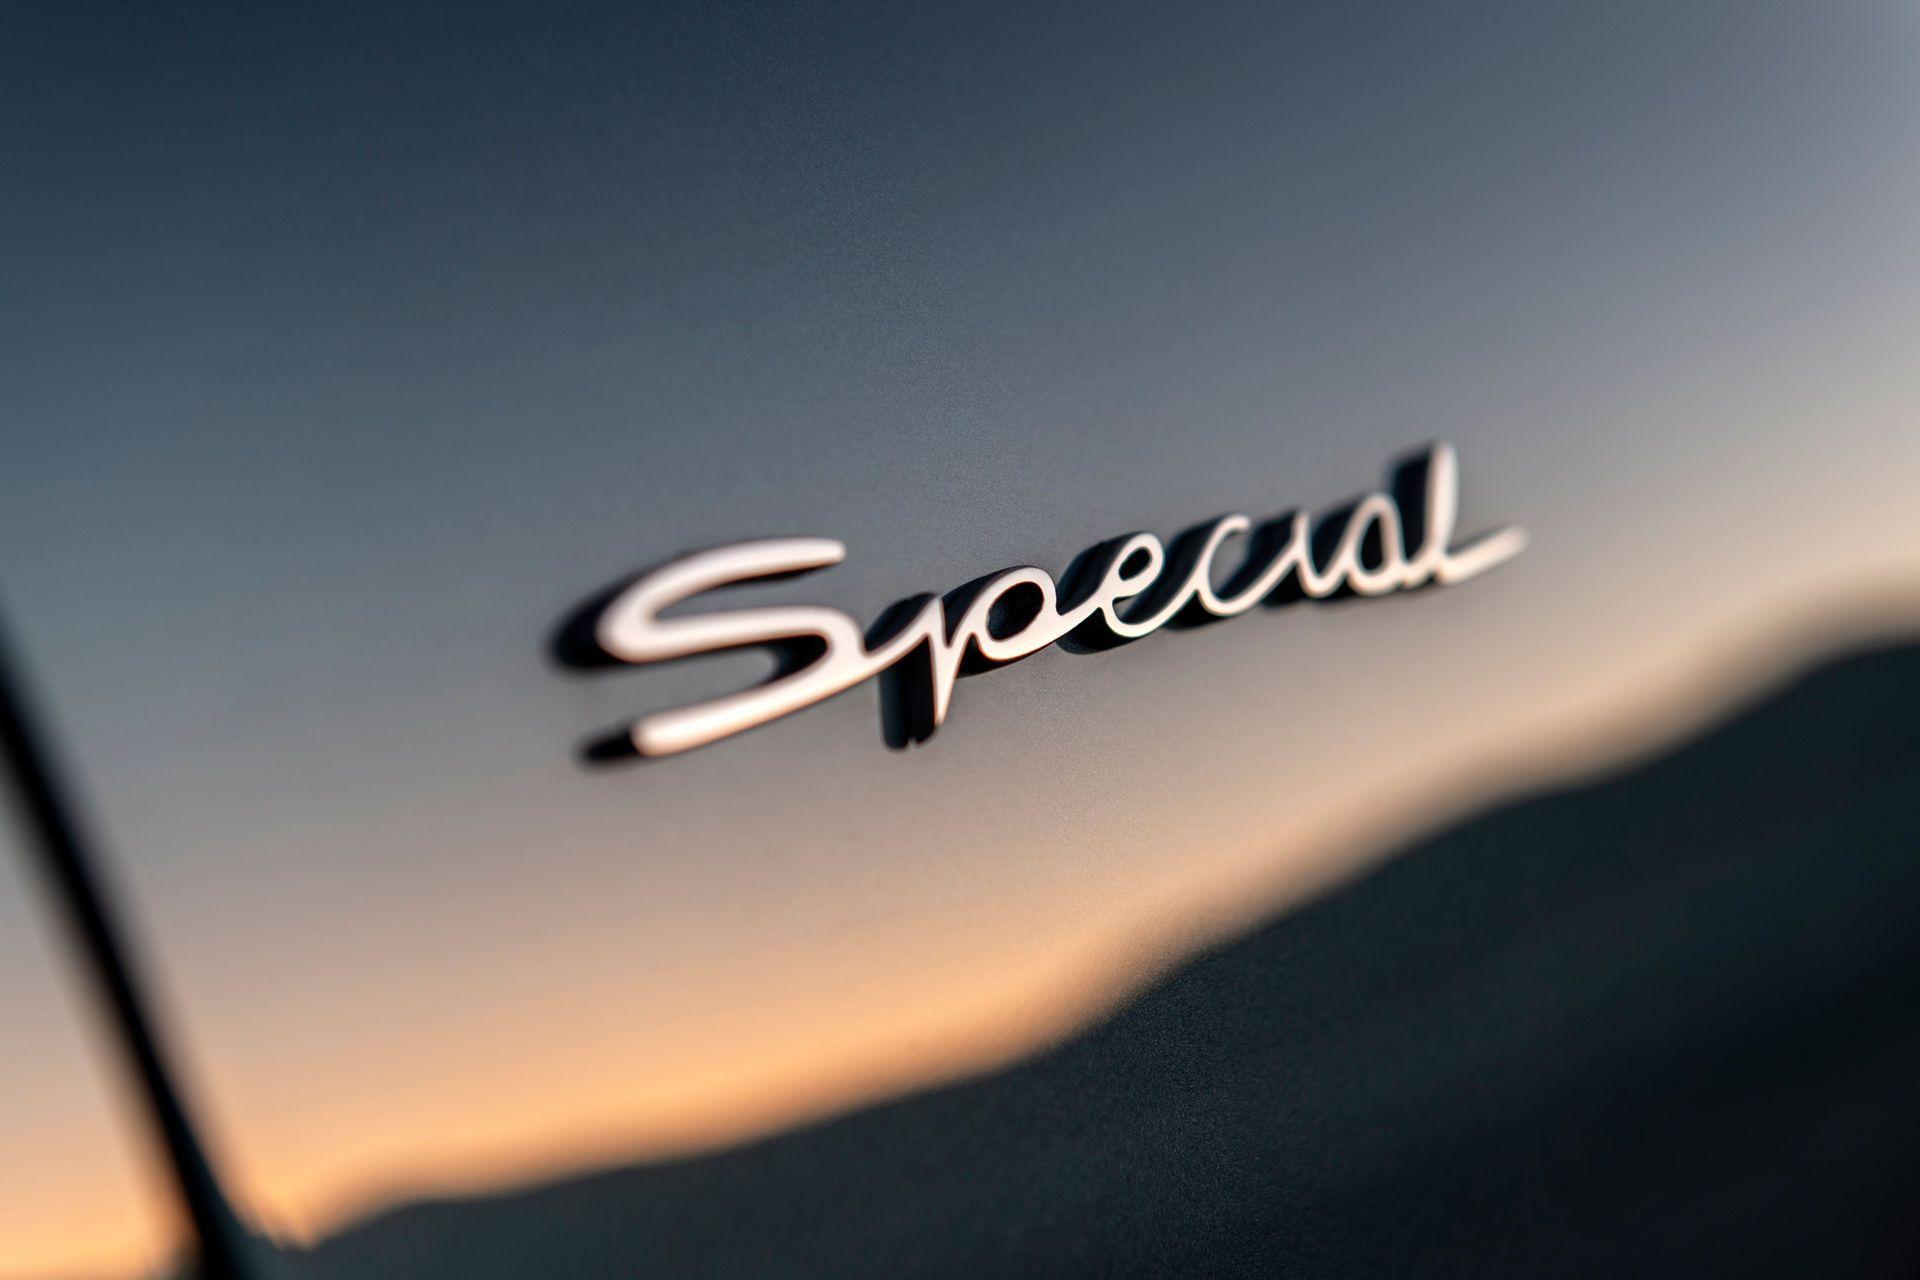 Porsche-356-A-Coupe-Restomod-Emory-Motorsports-54